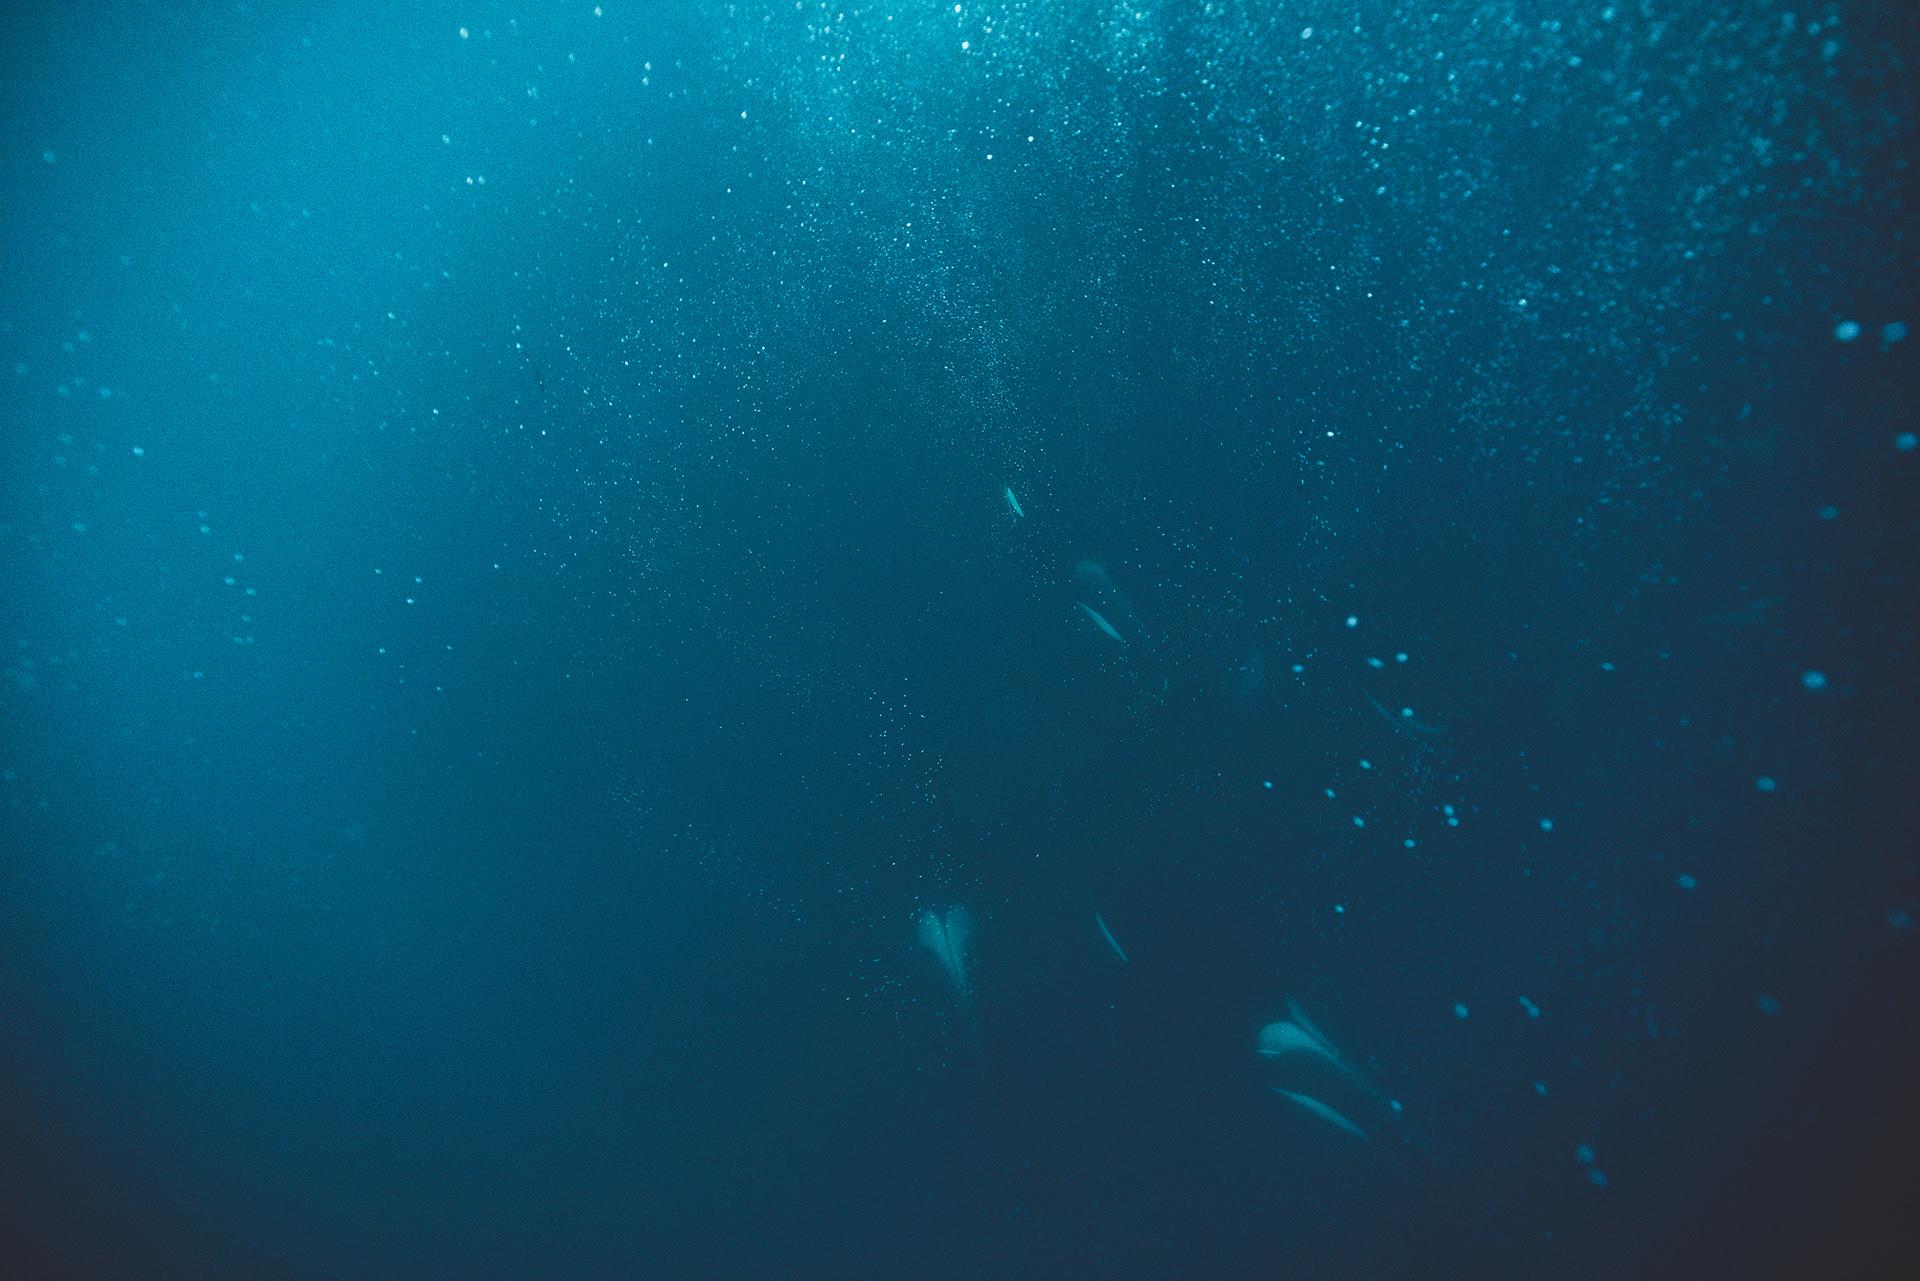 wasser-luftblasen-blau-meer-unterwasser